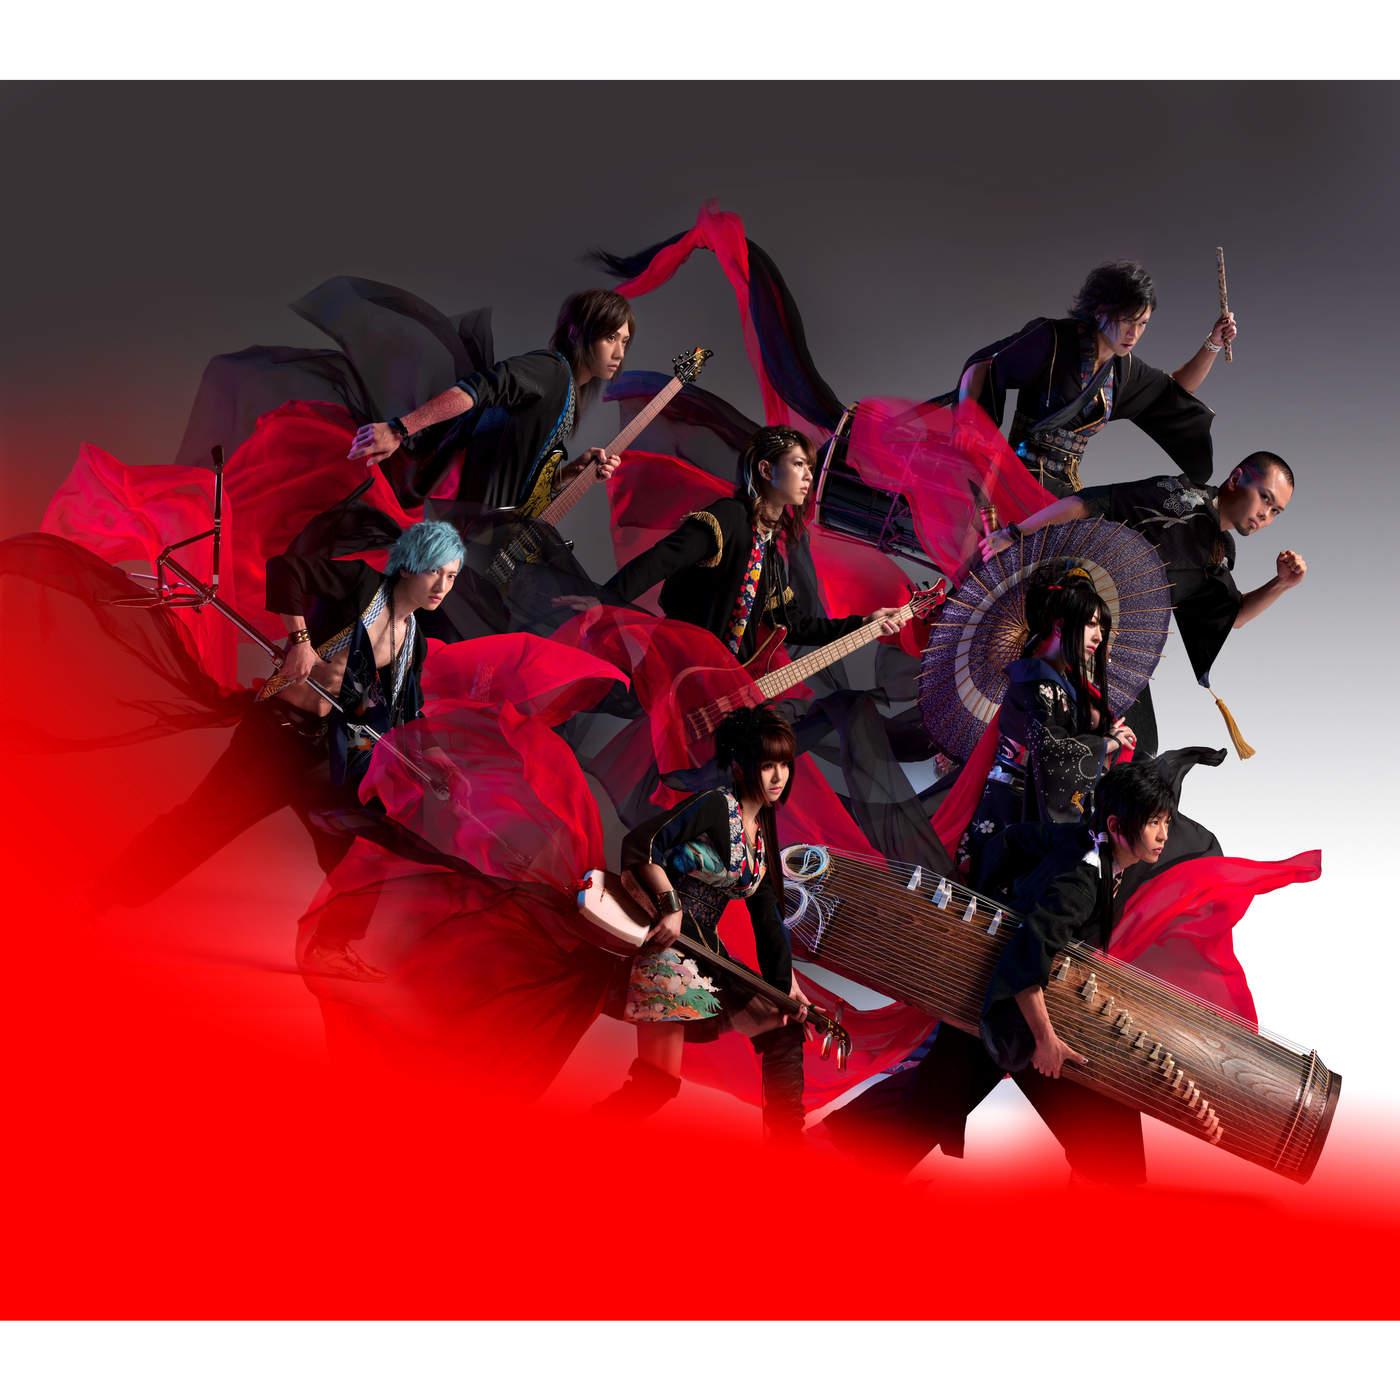 Wagakki Band - Shikisai [MP3 320 KBPS] Folk Rock 2017 | Mega